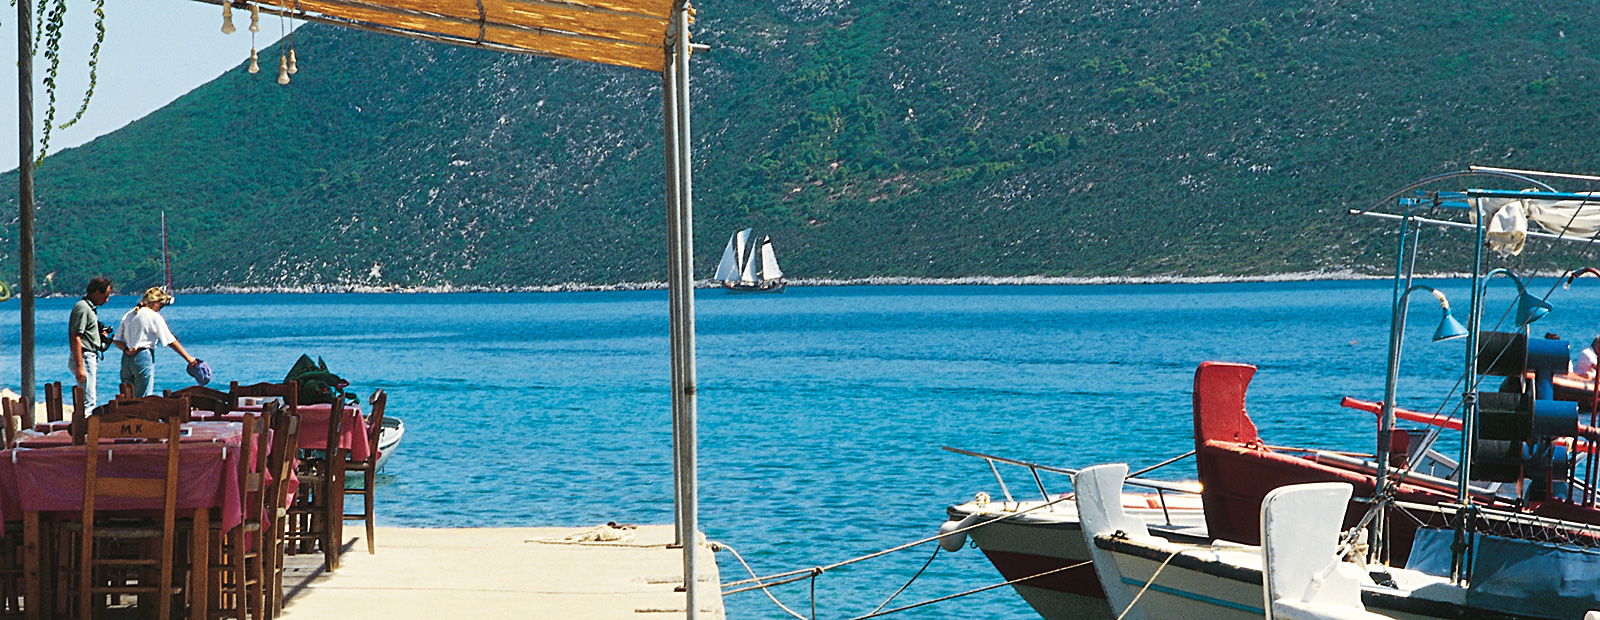 Exclusive holiday villas in Alonissos